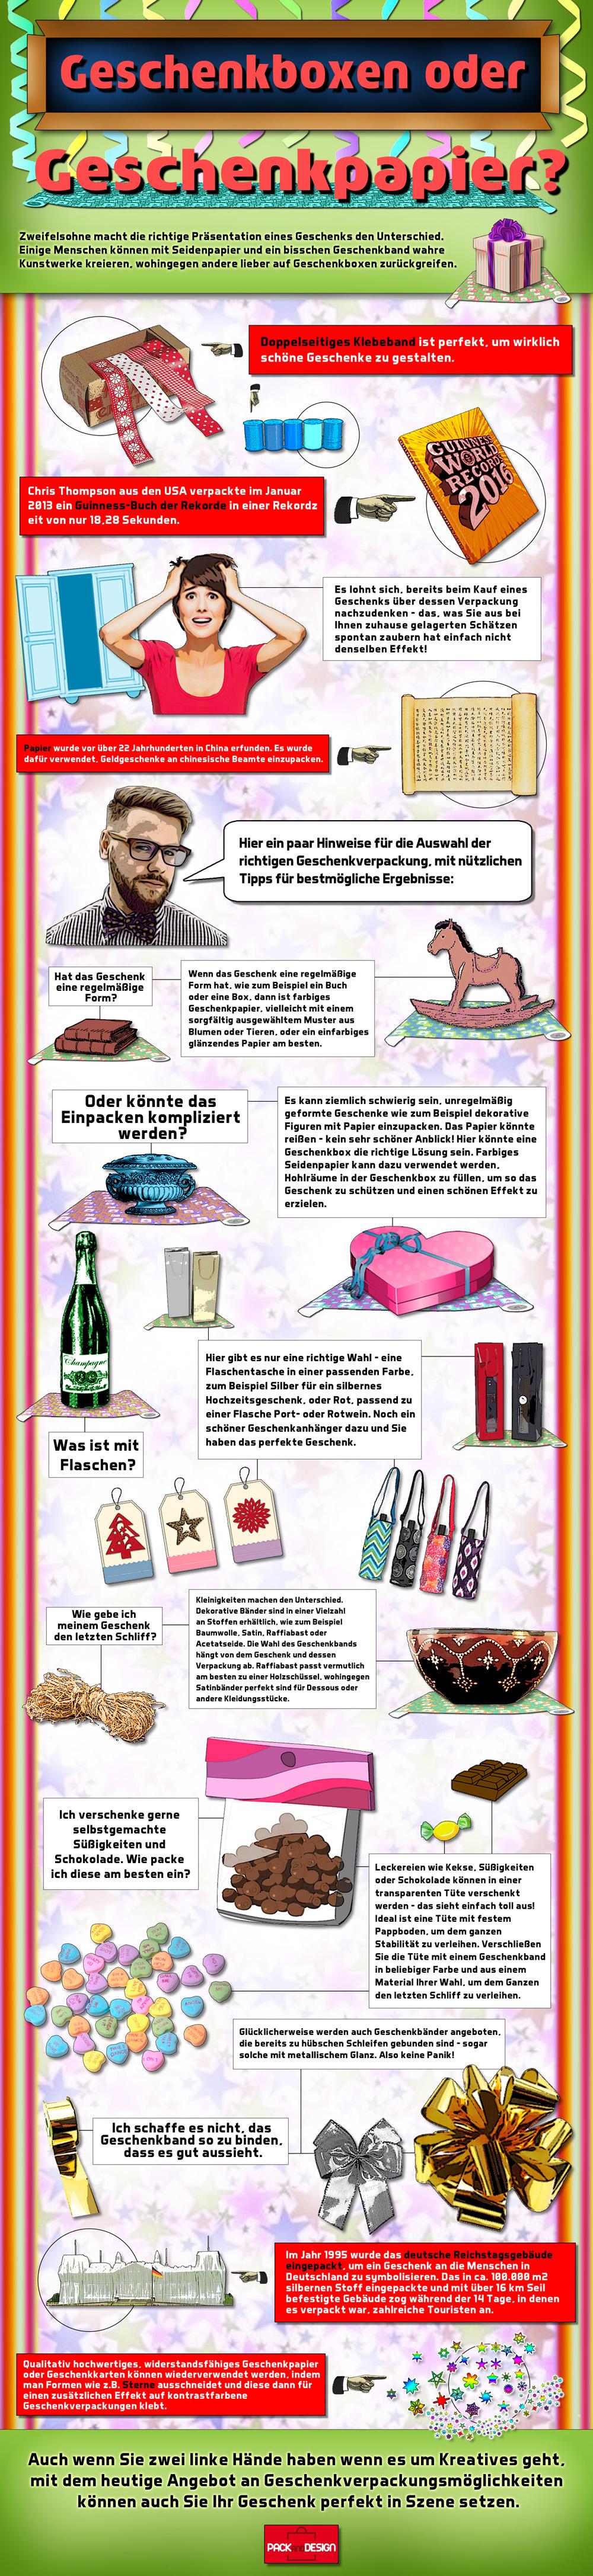 Geschenkboxen oder Geschenkpapier